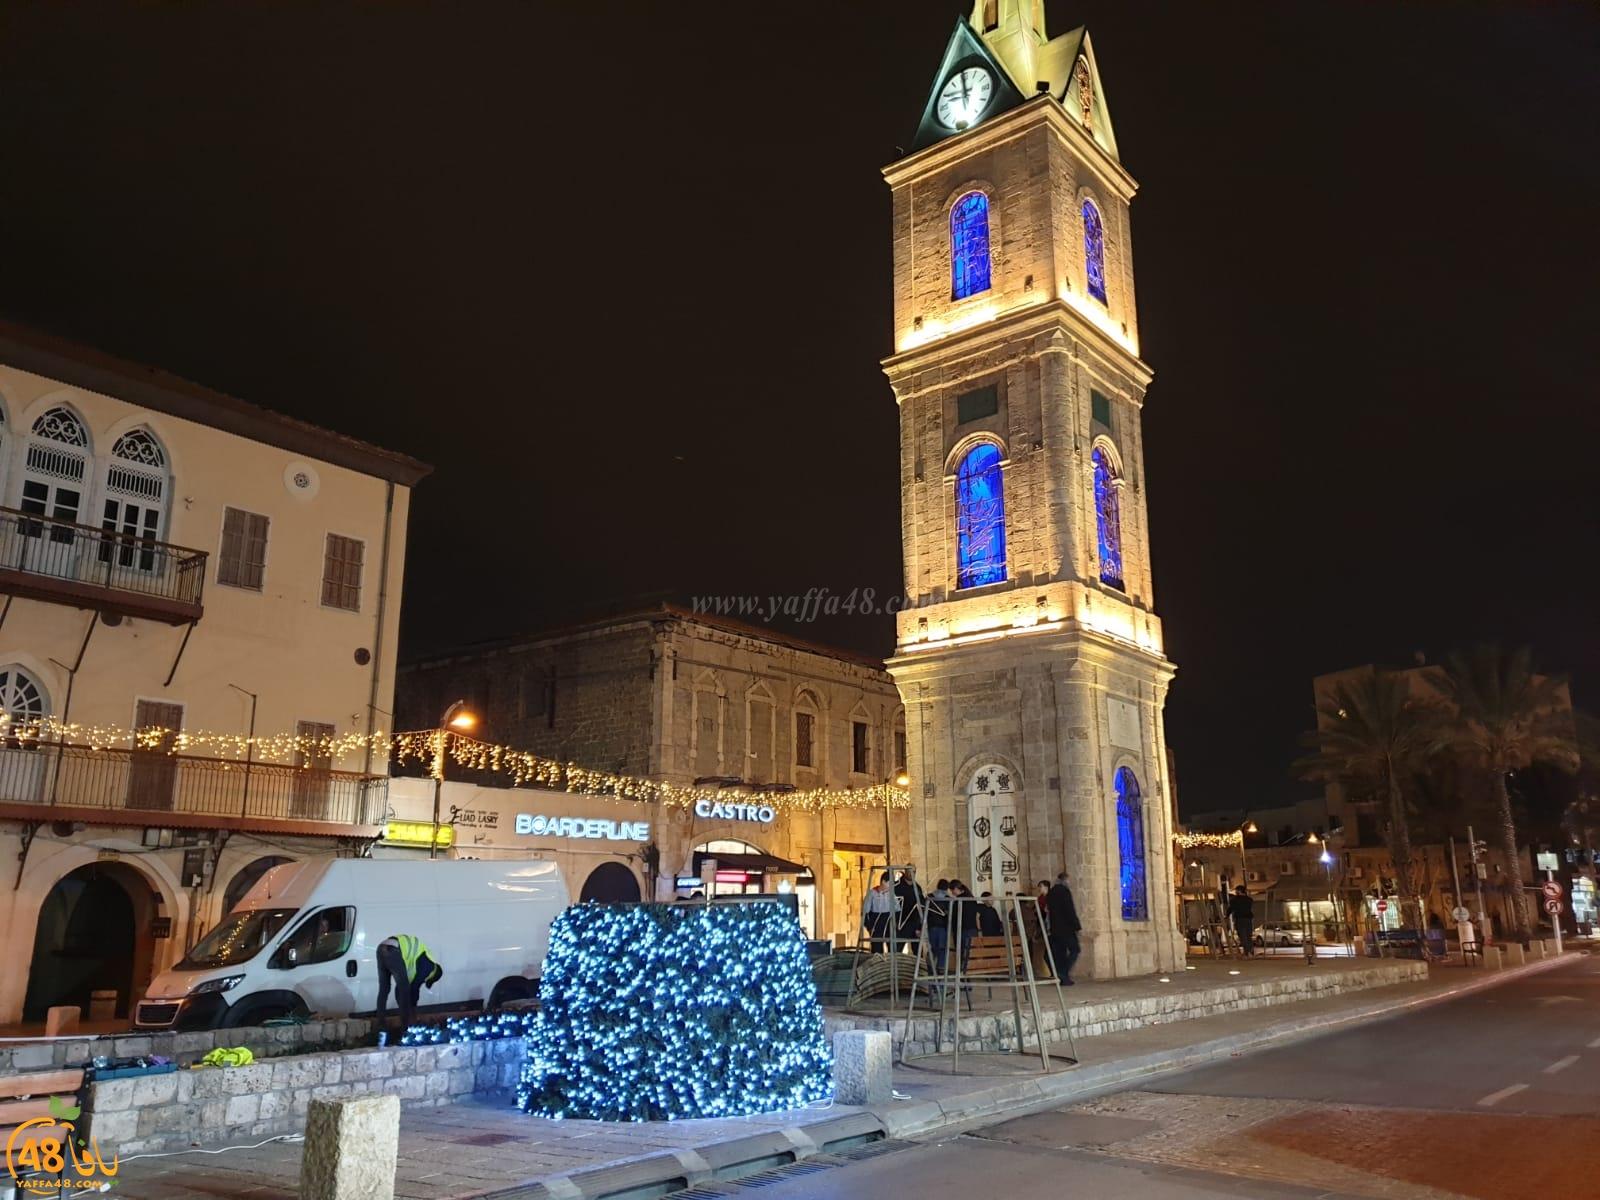 فيديو: للسنة السادسة على التوالي - استعدادات لإضاءة شجرة عيد الميلاد بيافا